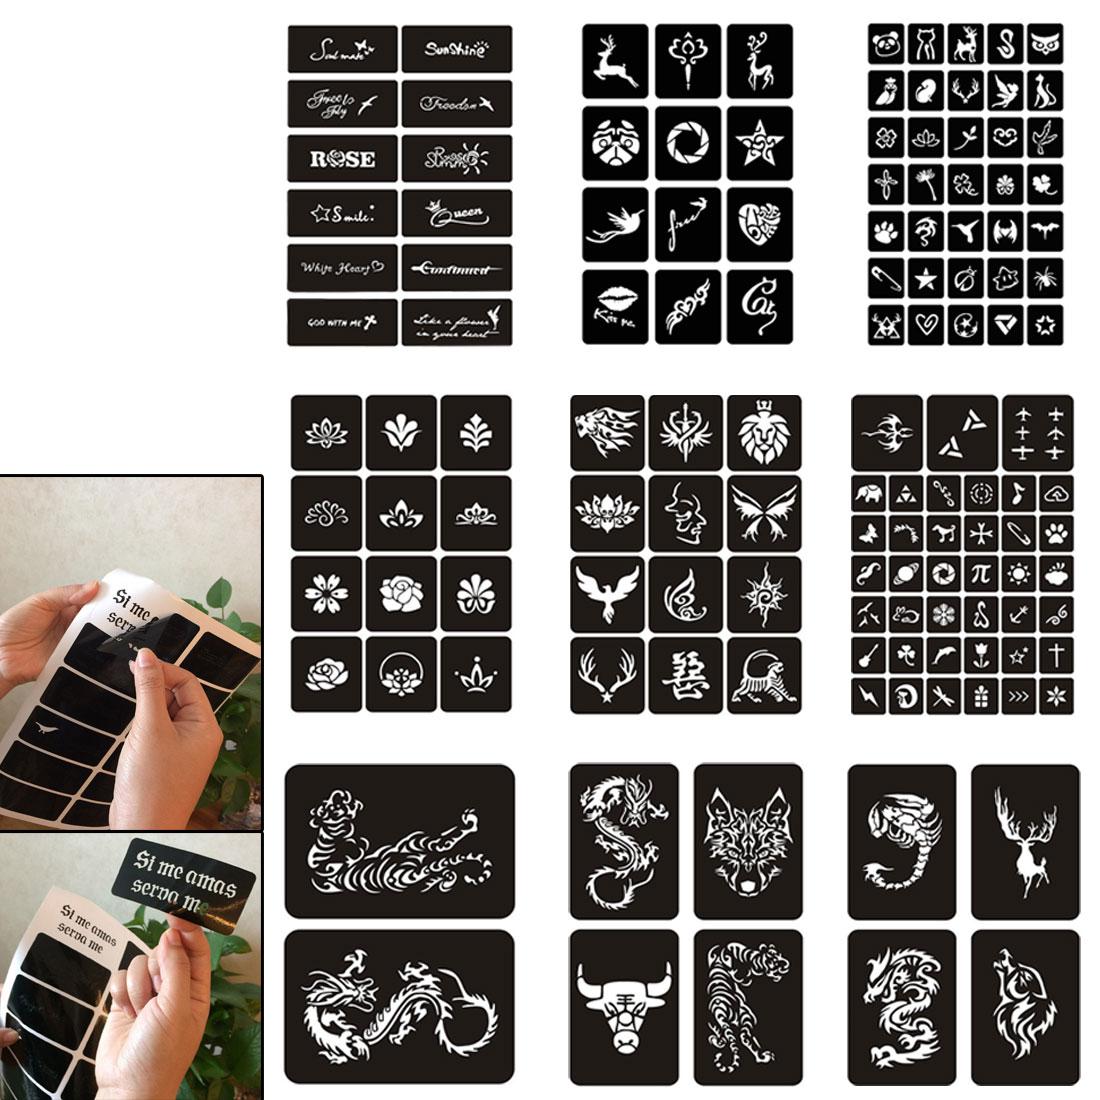 Mulheres beleza Corpo Perna Pés Mão Arte Desenho Pintura Design Etiqueta Do Tatuagem Do Airbrush Template 10 Folhas de Henna Estêncil Do Tatuagem